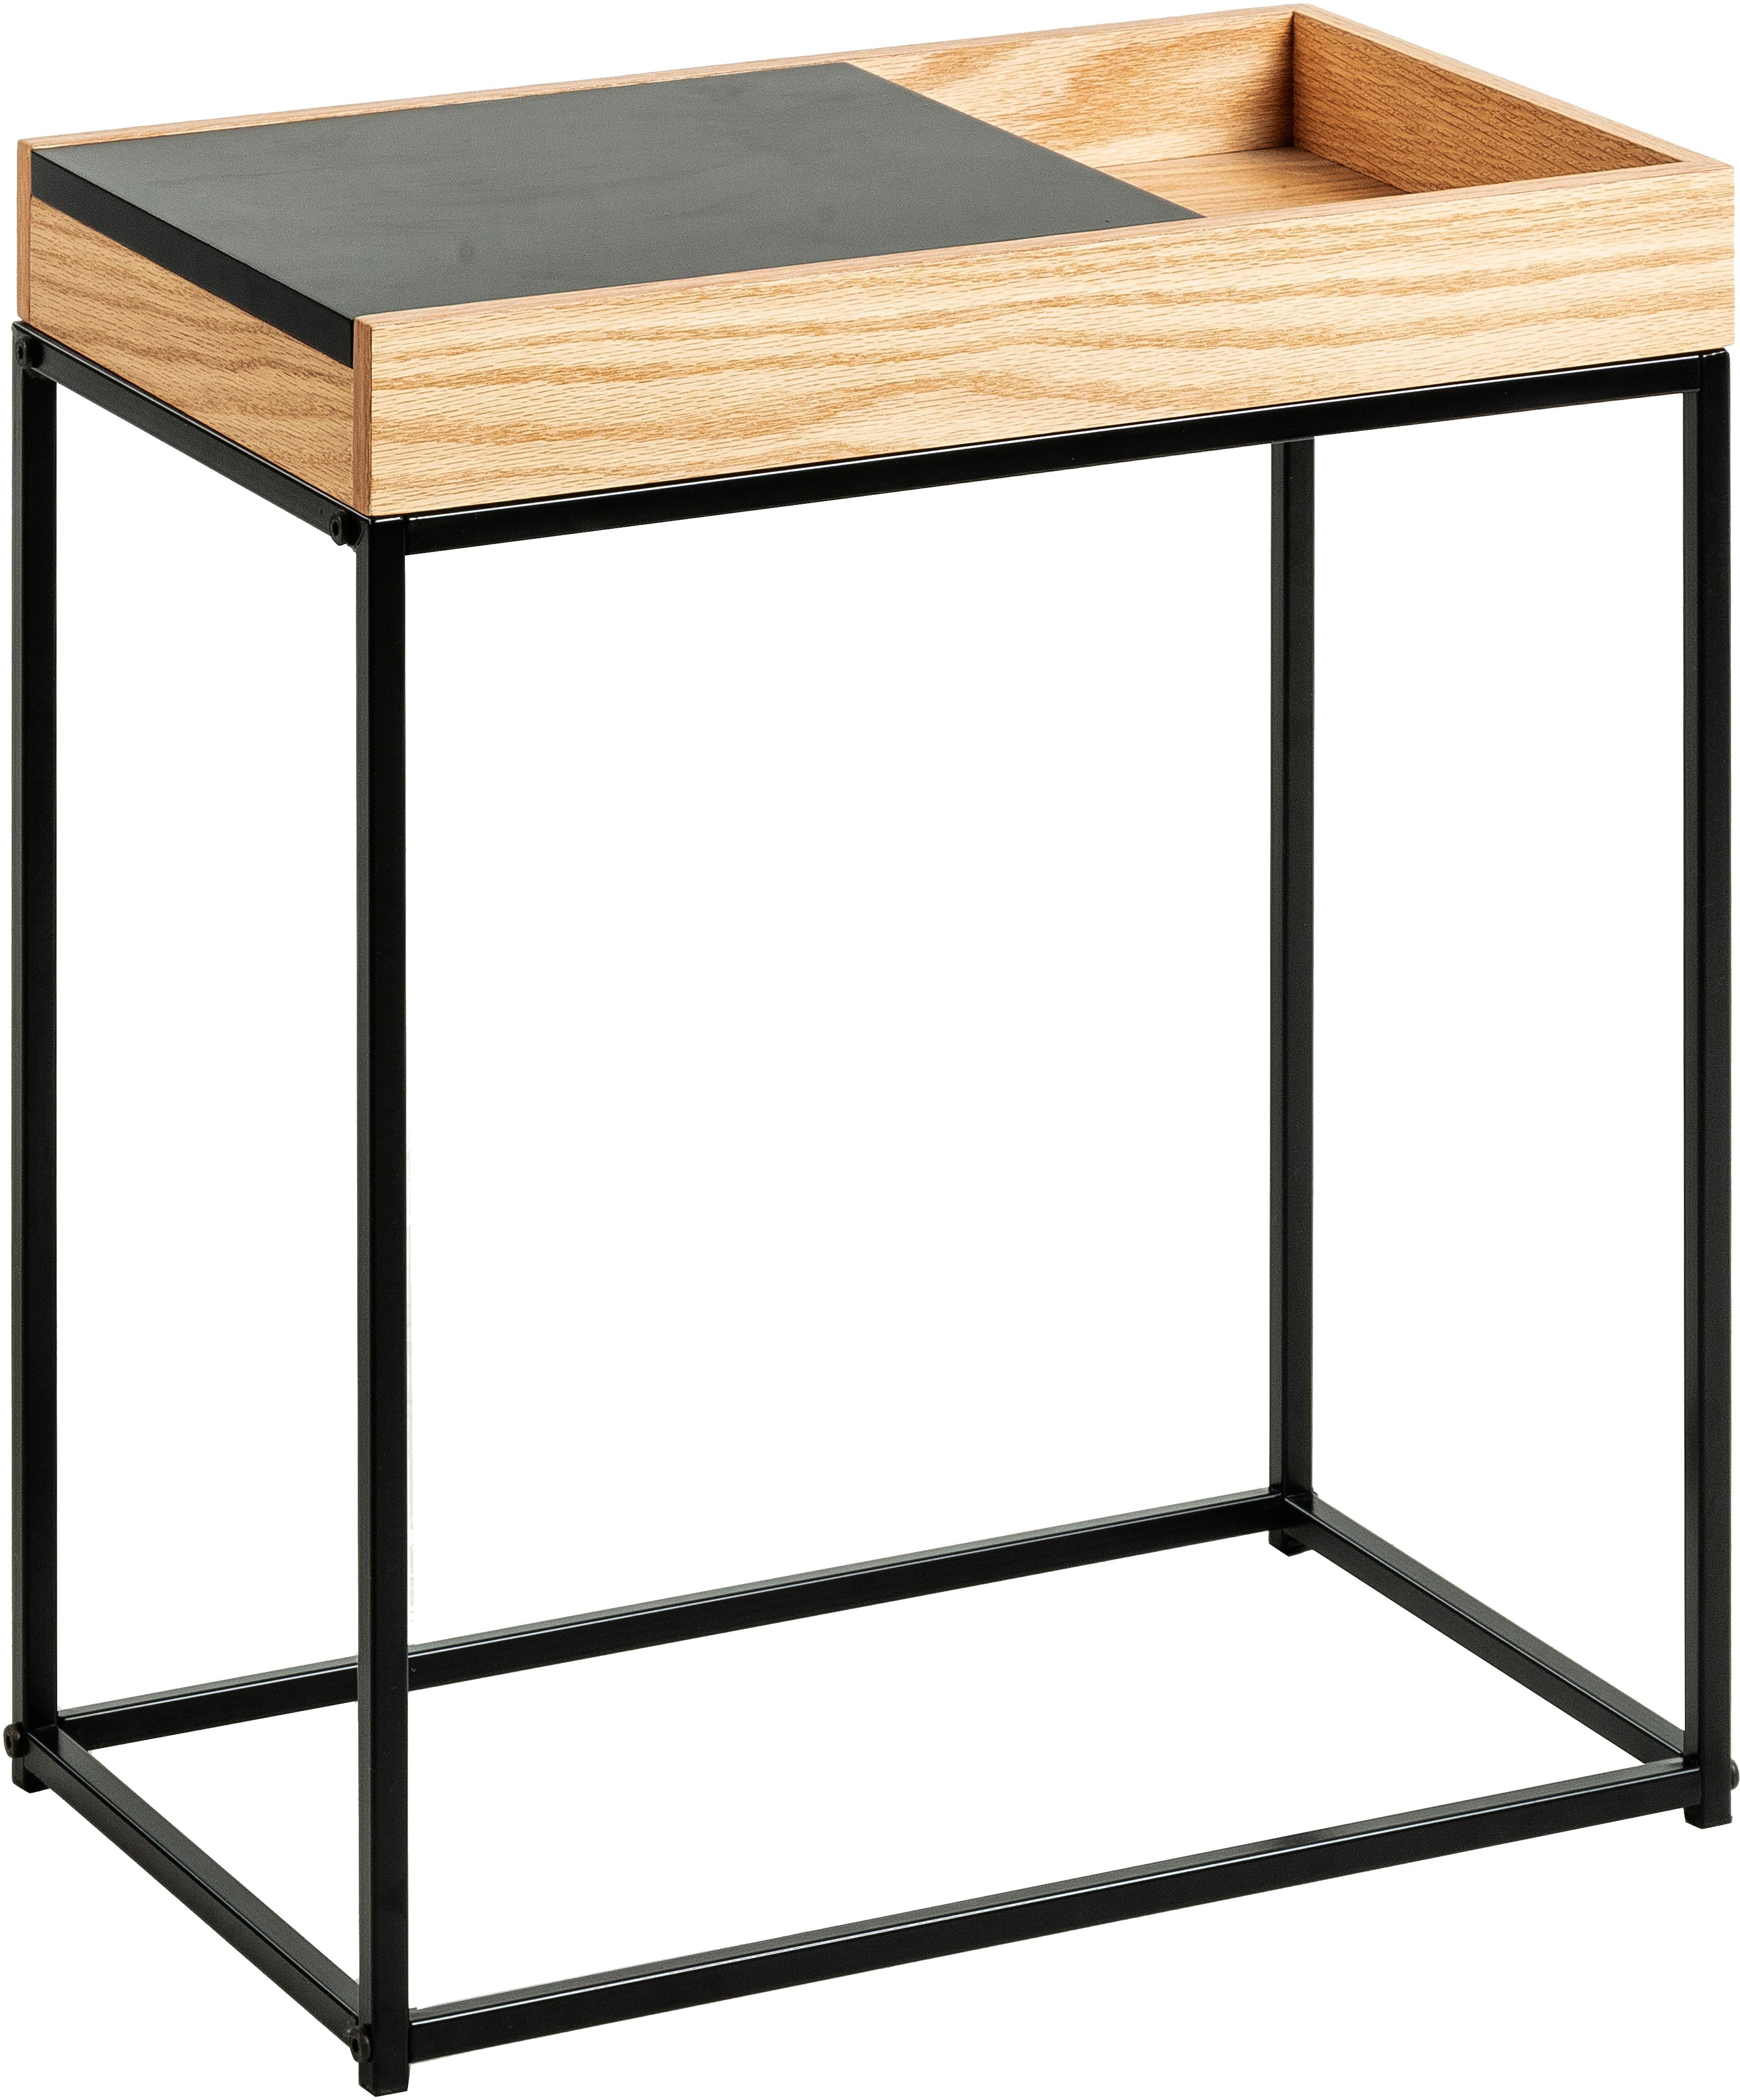 Tavolino con contenitore Detail, Scaffale: pannello di fibra a media, Gambe: metallo, verniciato, Legno di quercia, nero, Larg. 50 x Prof. 30 cm